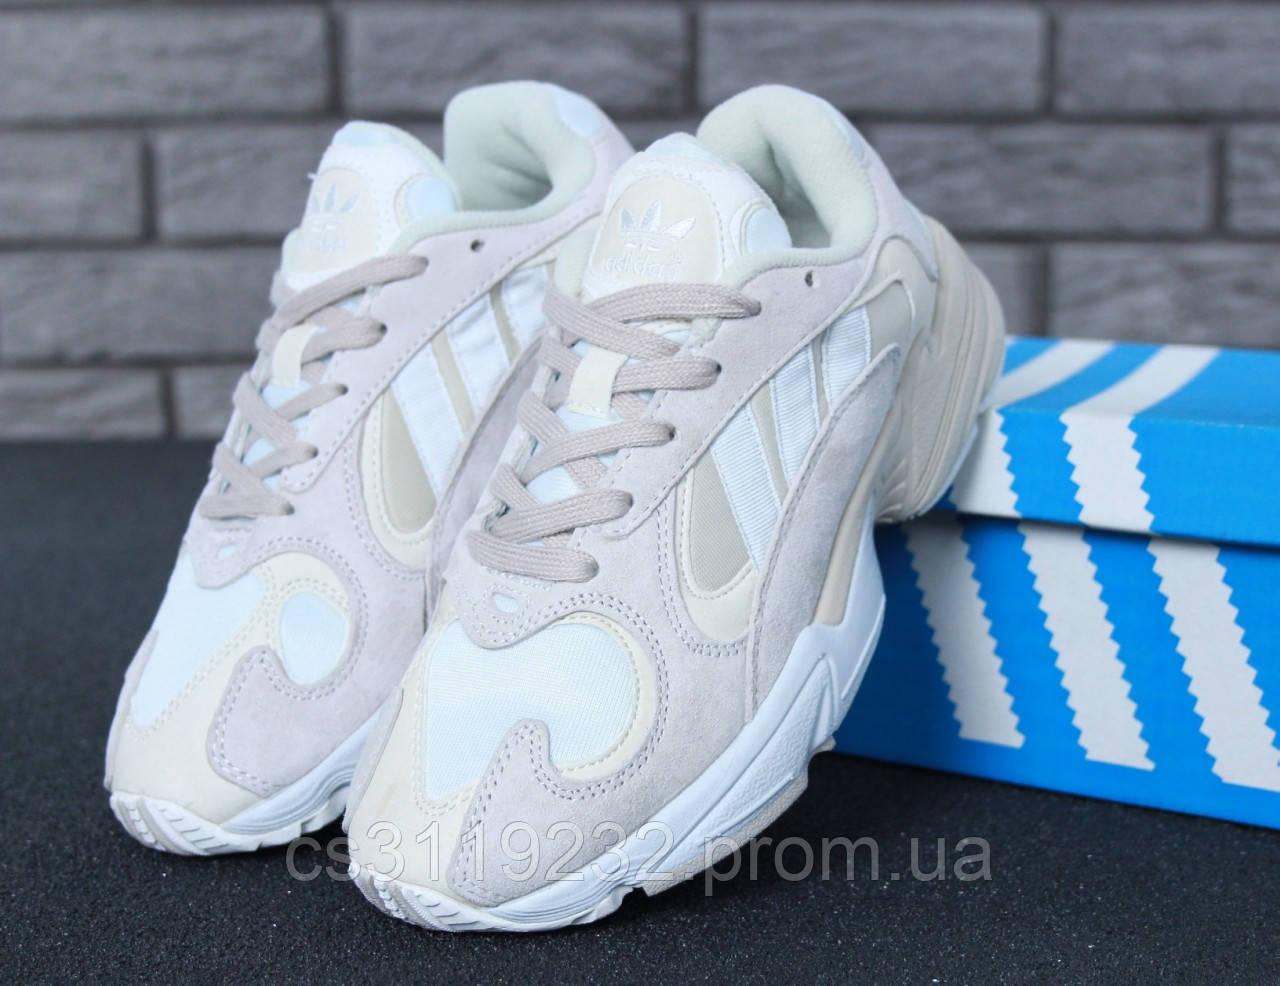 Мужские кроссовки Adidas Yung-1 White Grey (бело-серые)